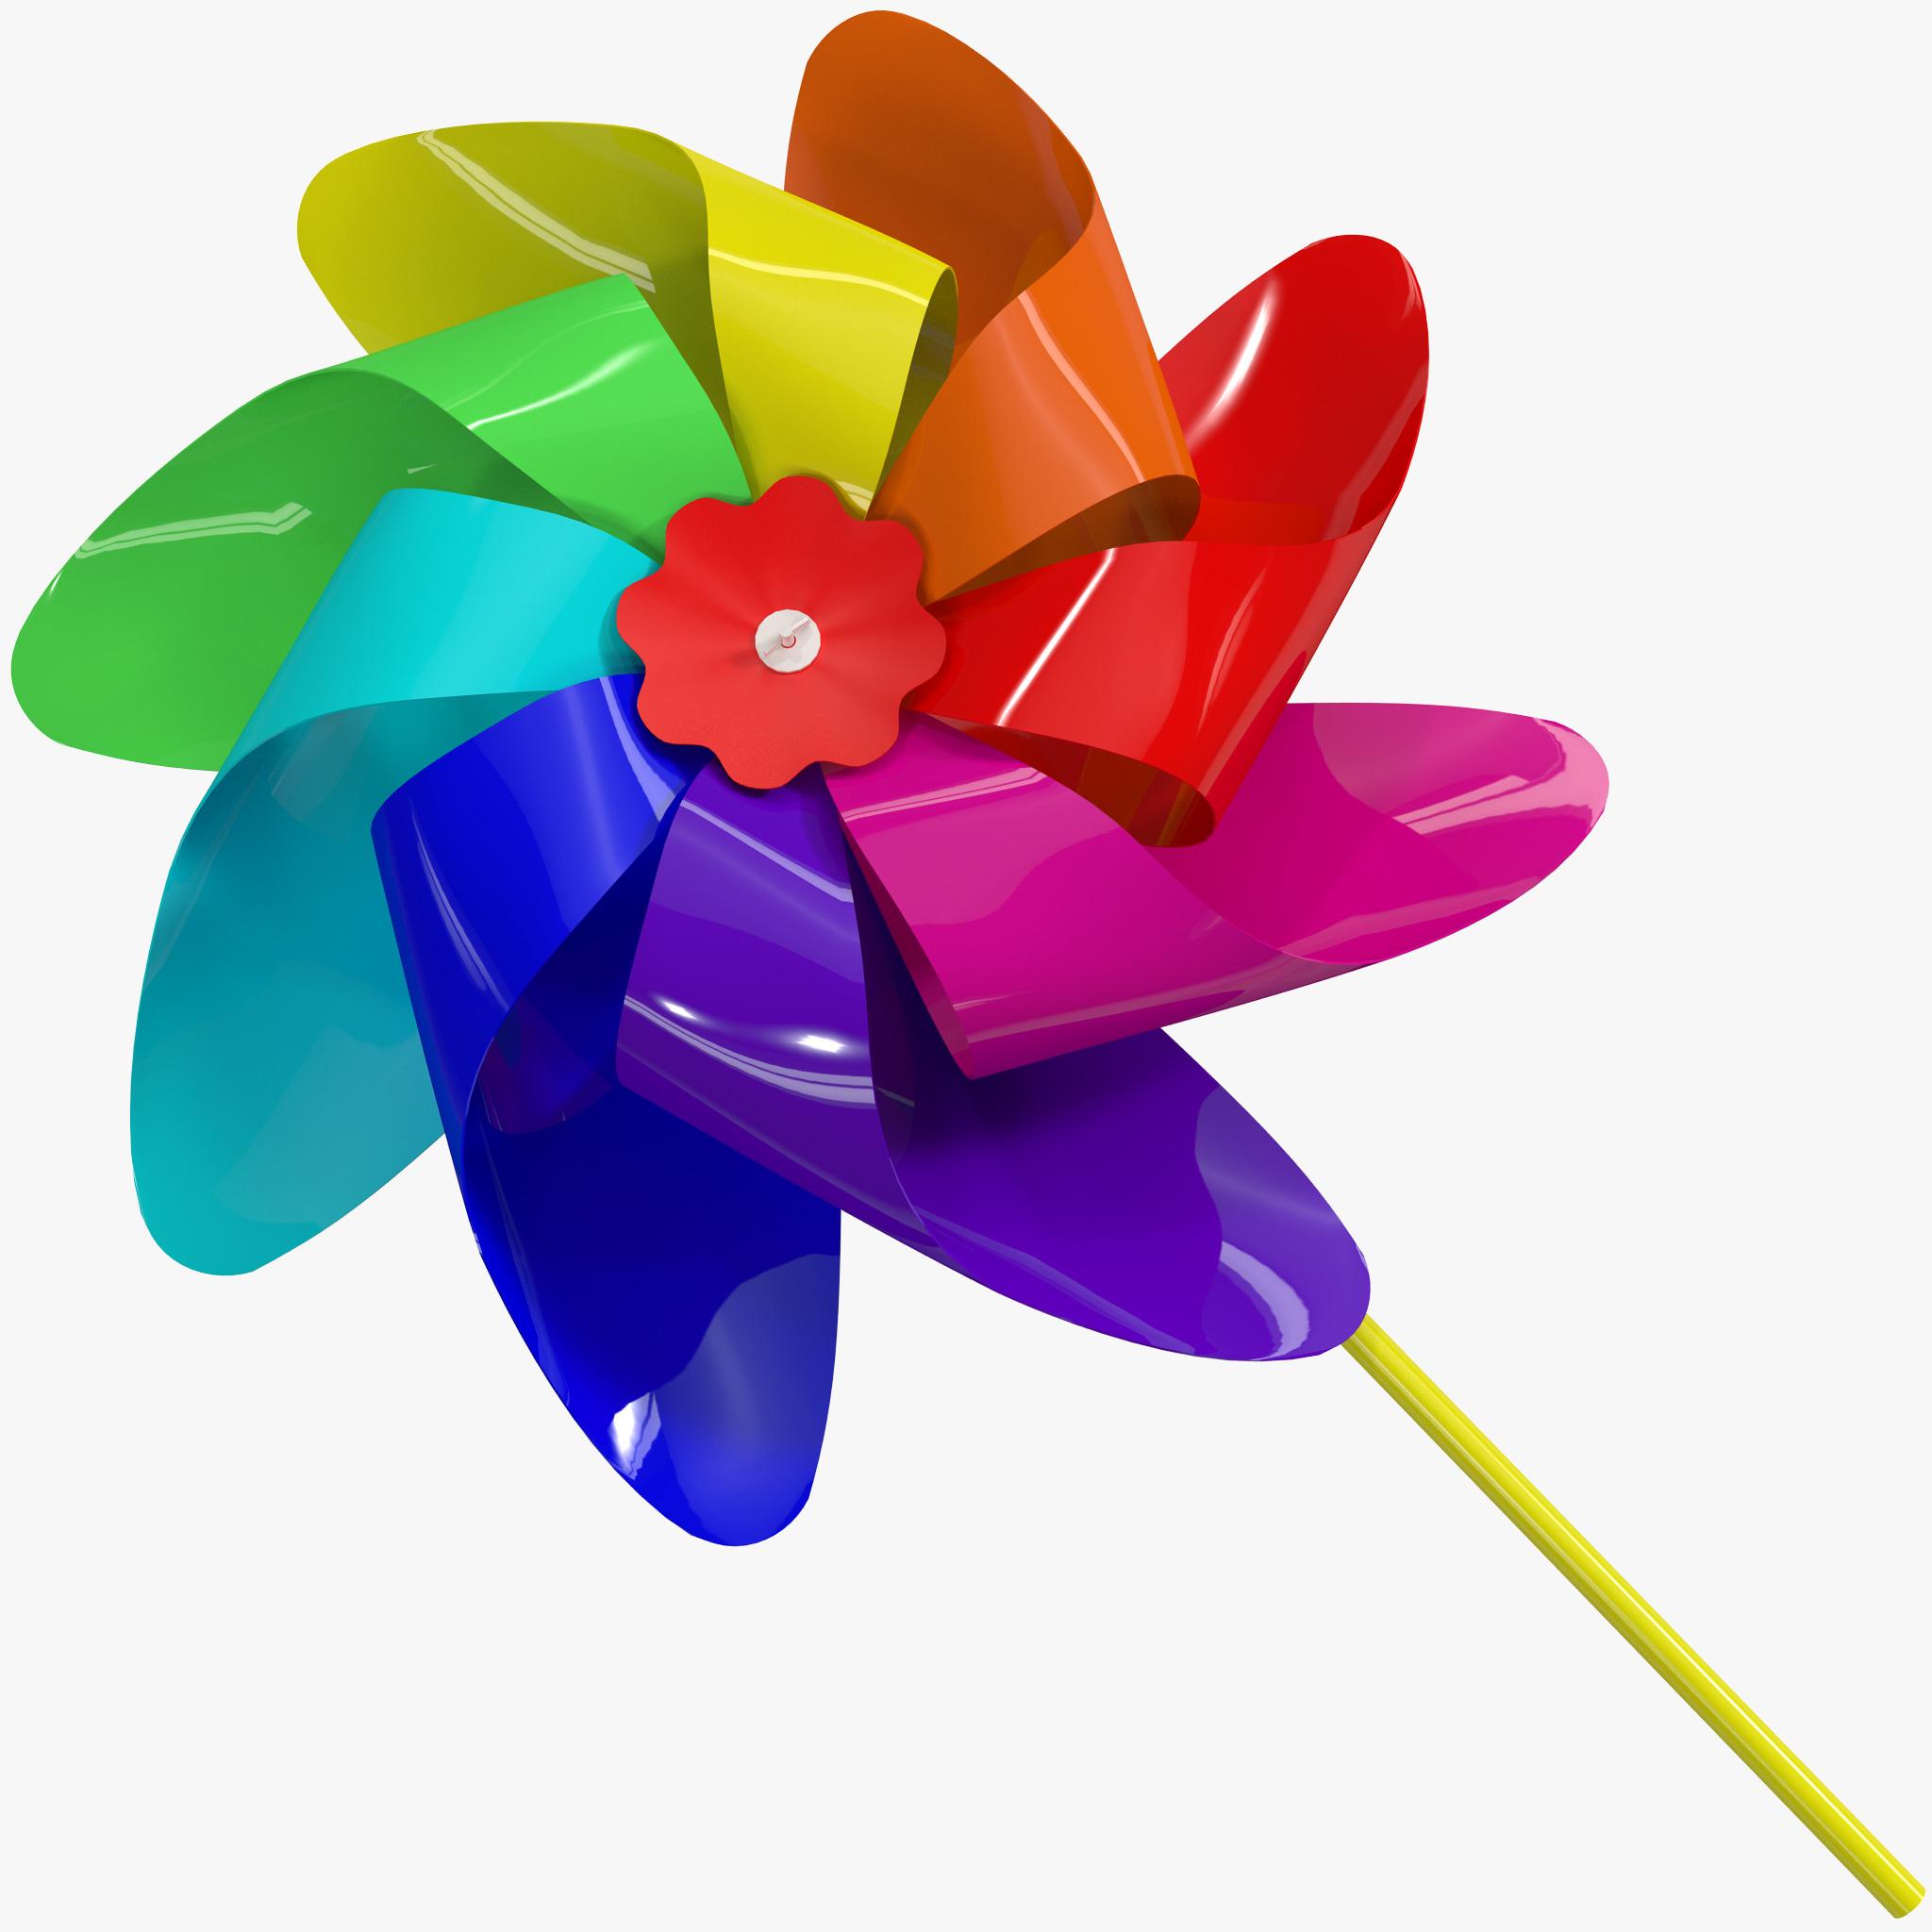 pinwheel 3d max